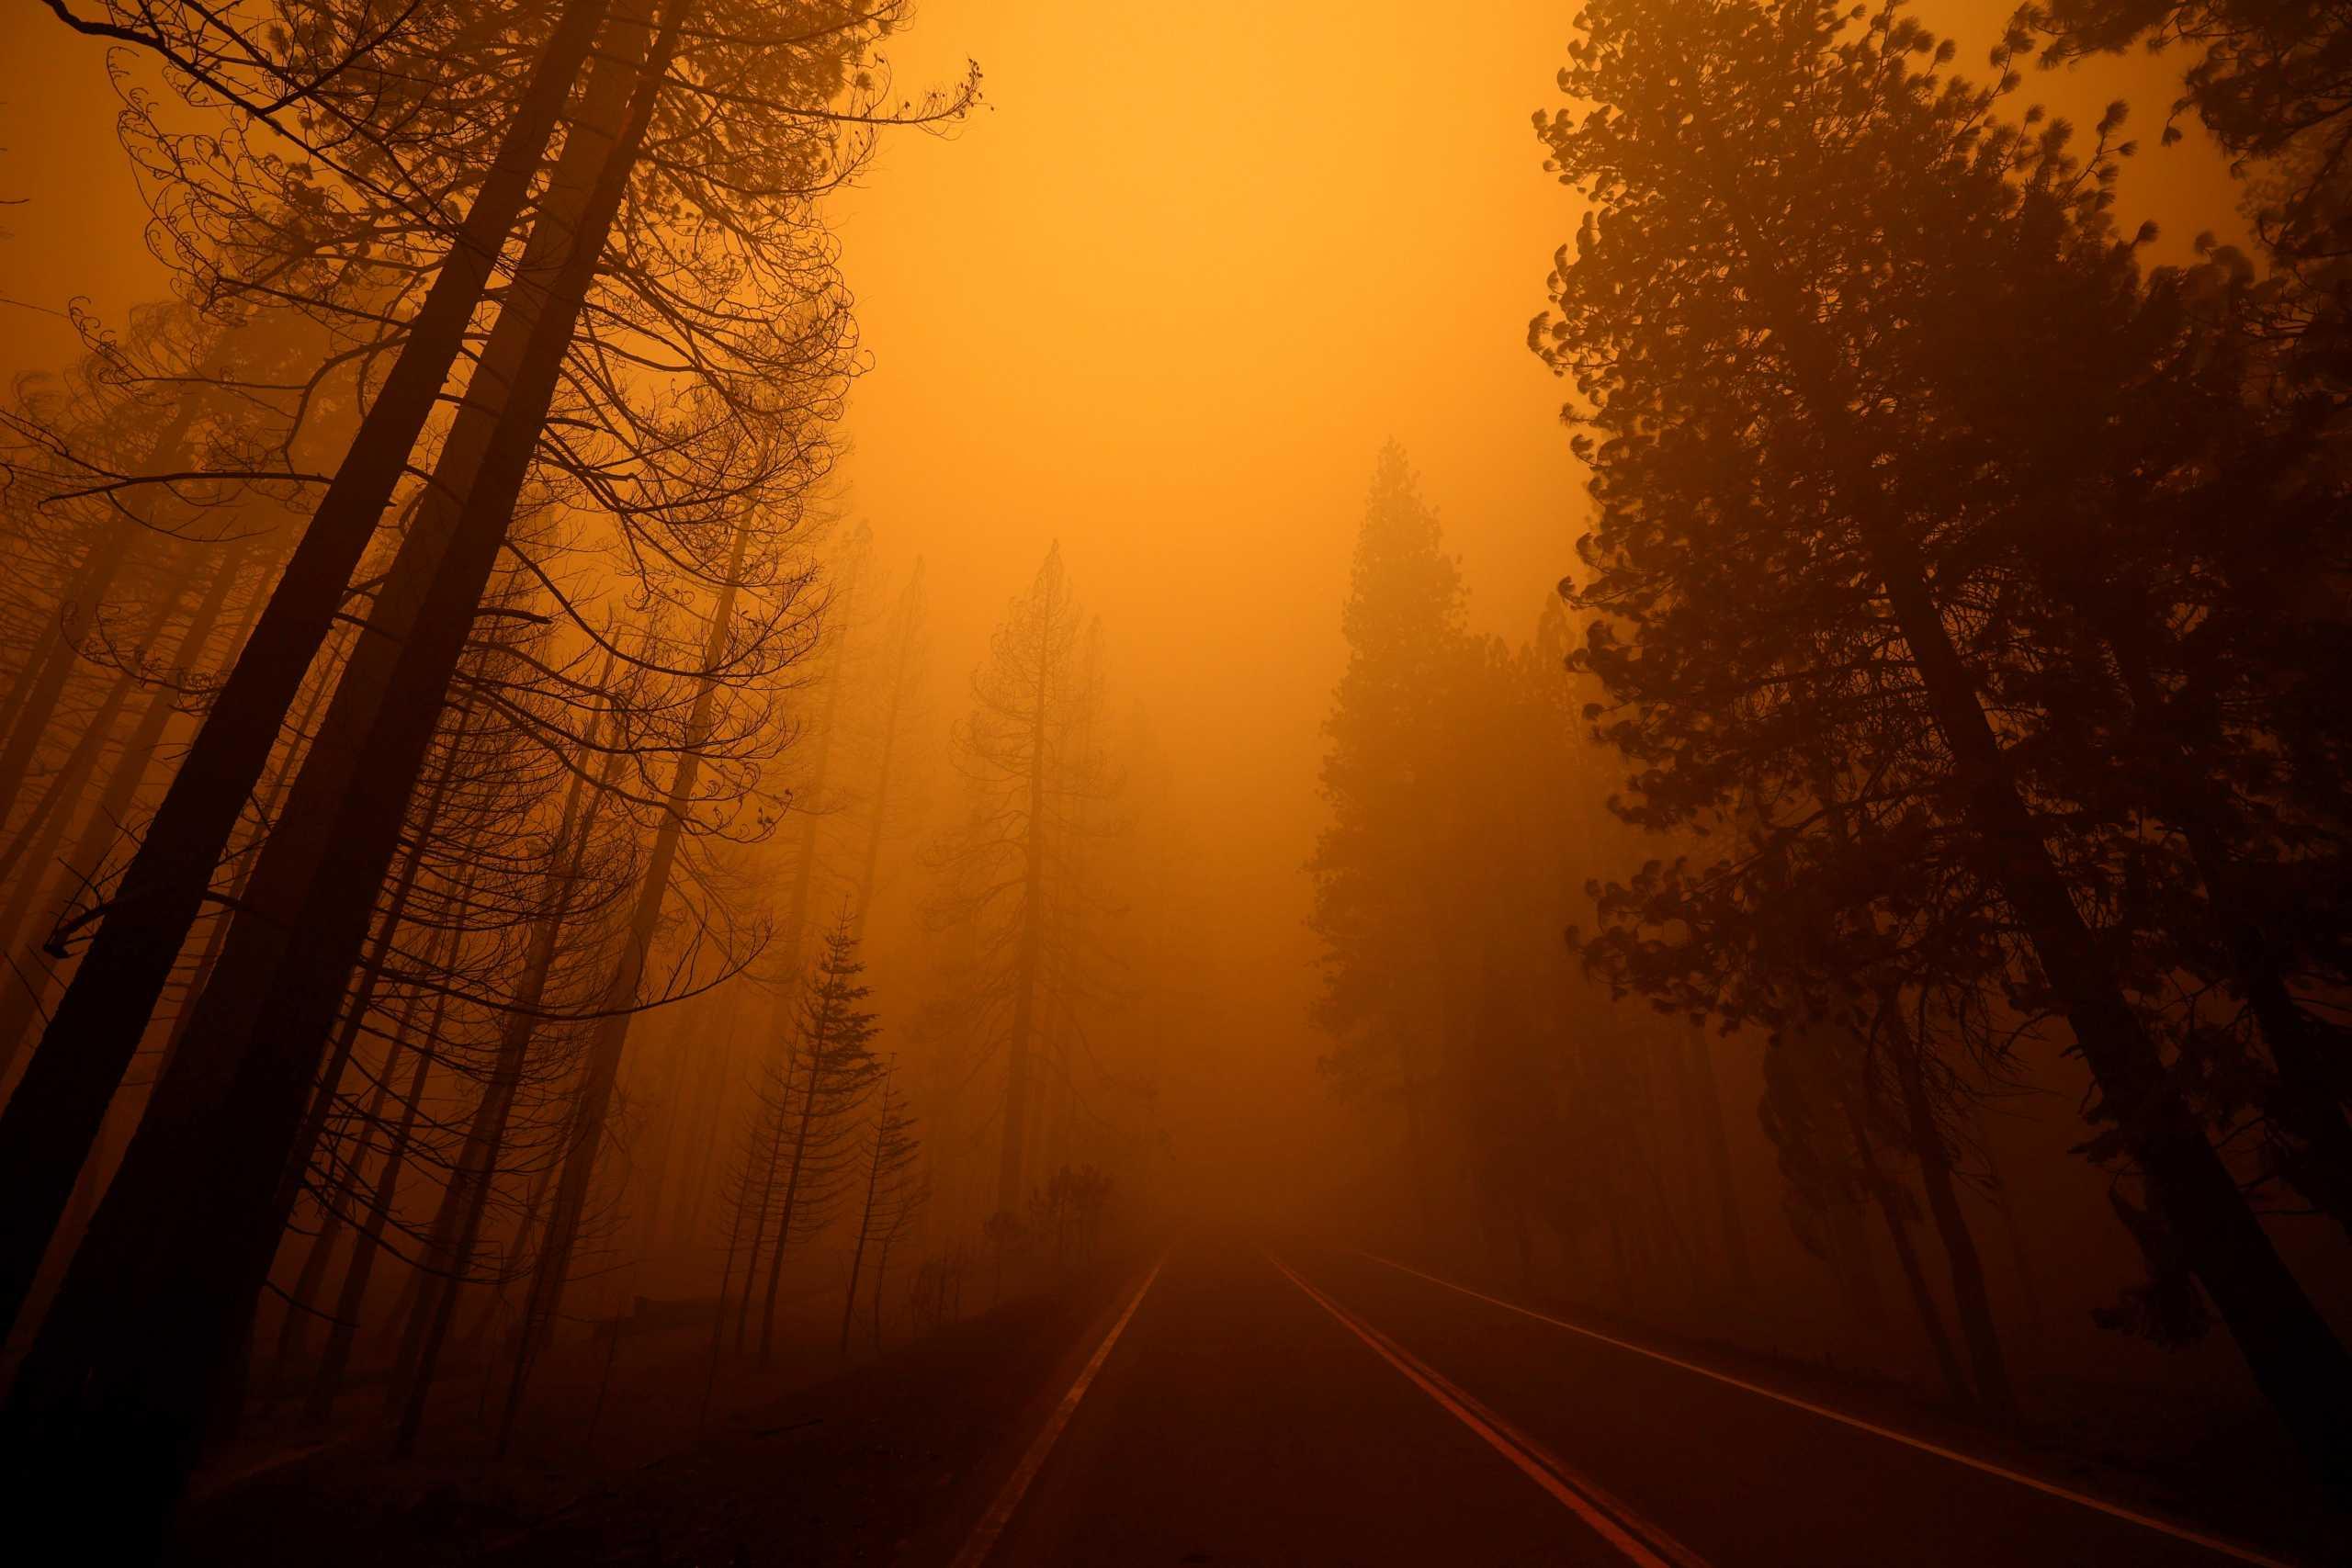 Καλιφόρνια: 8 αγνοούμενοι από την φωτιά Ντίξι – Εικόνες αποκάλυψης για μια ακόμα φορά